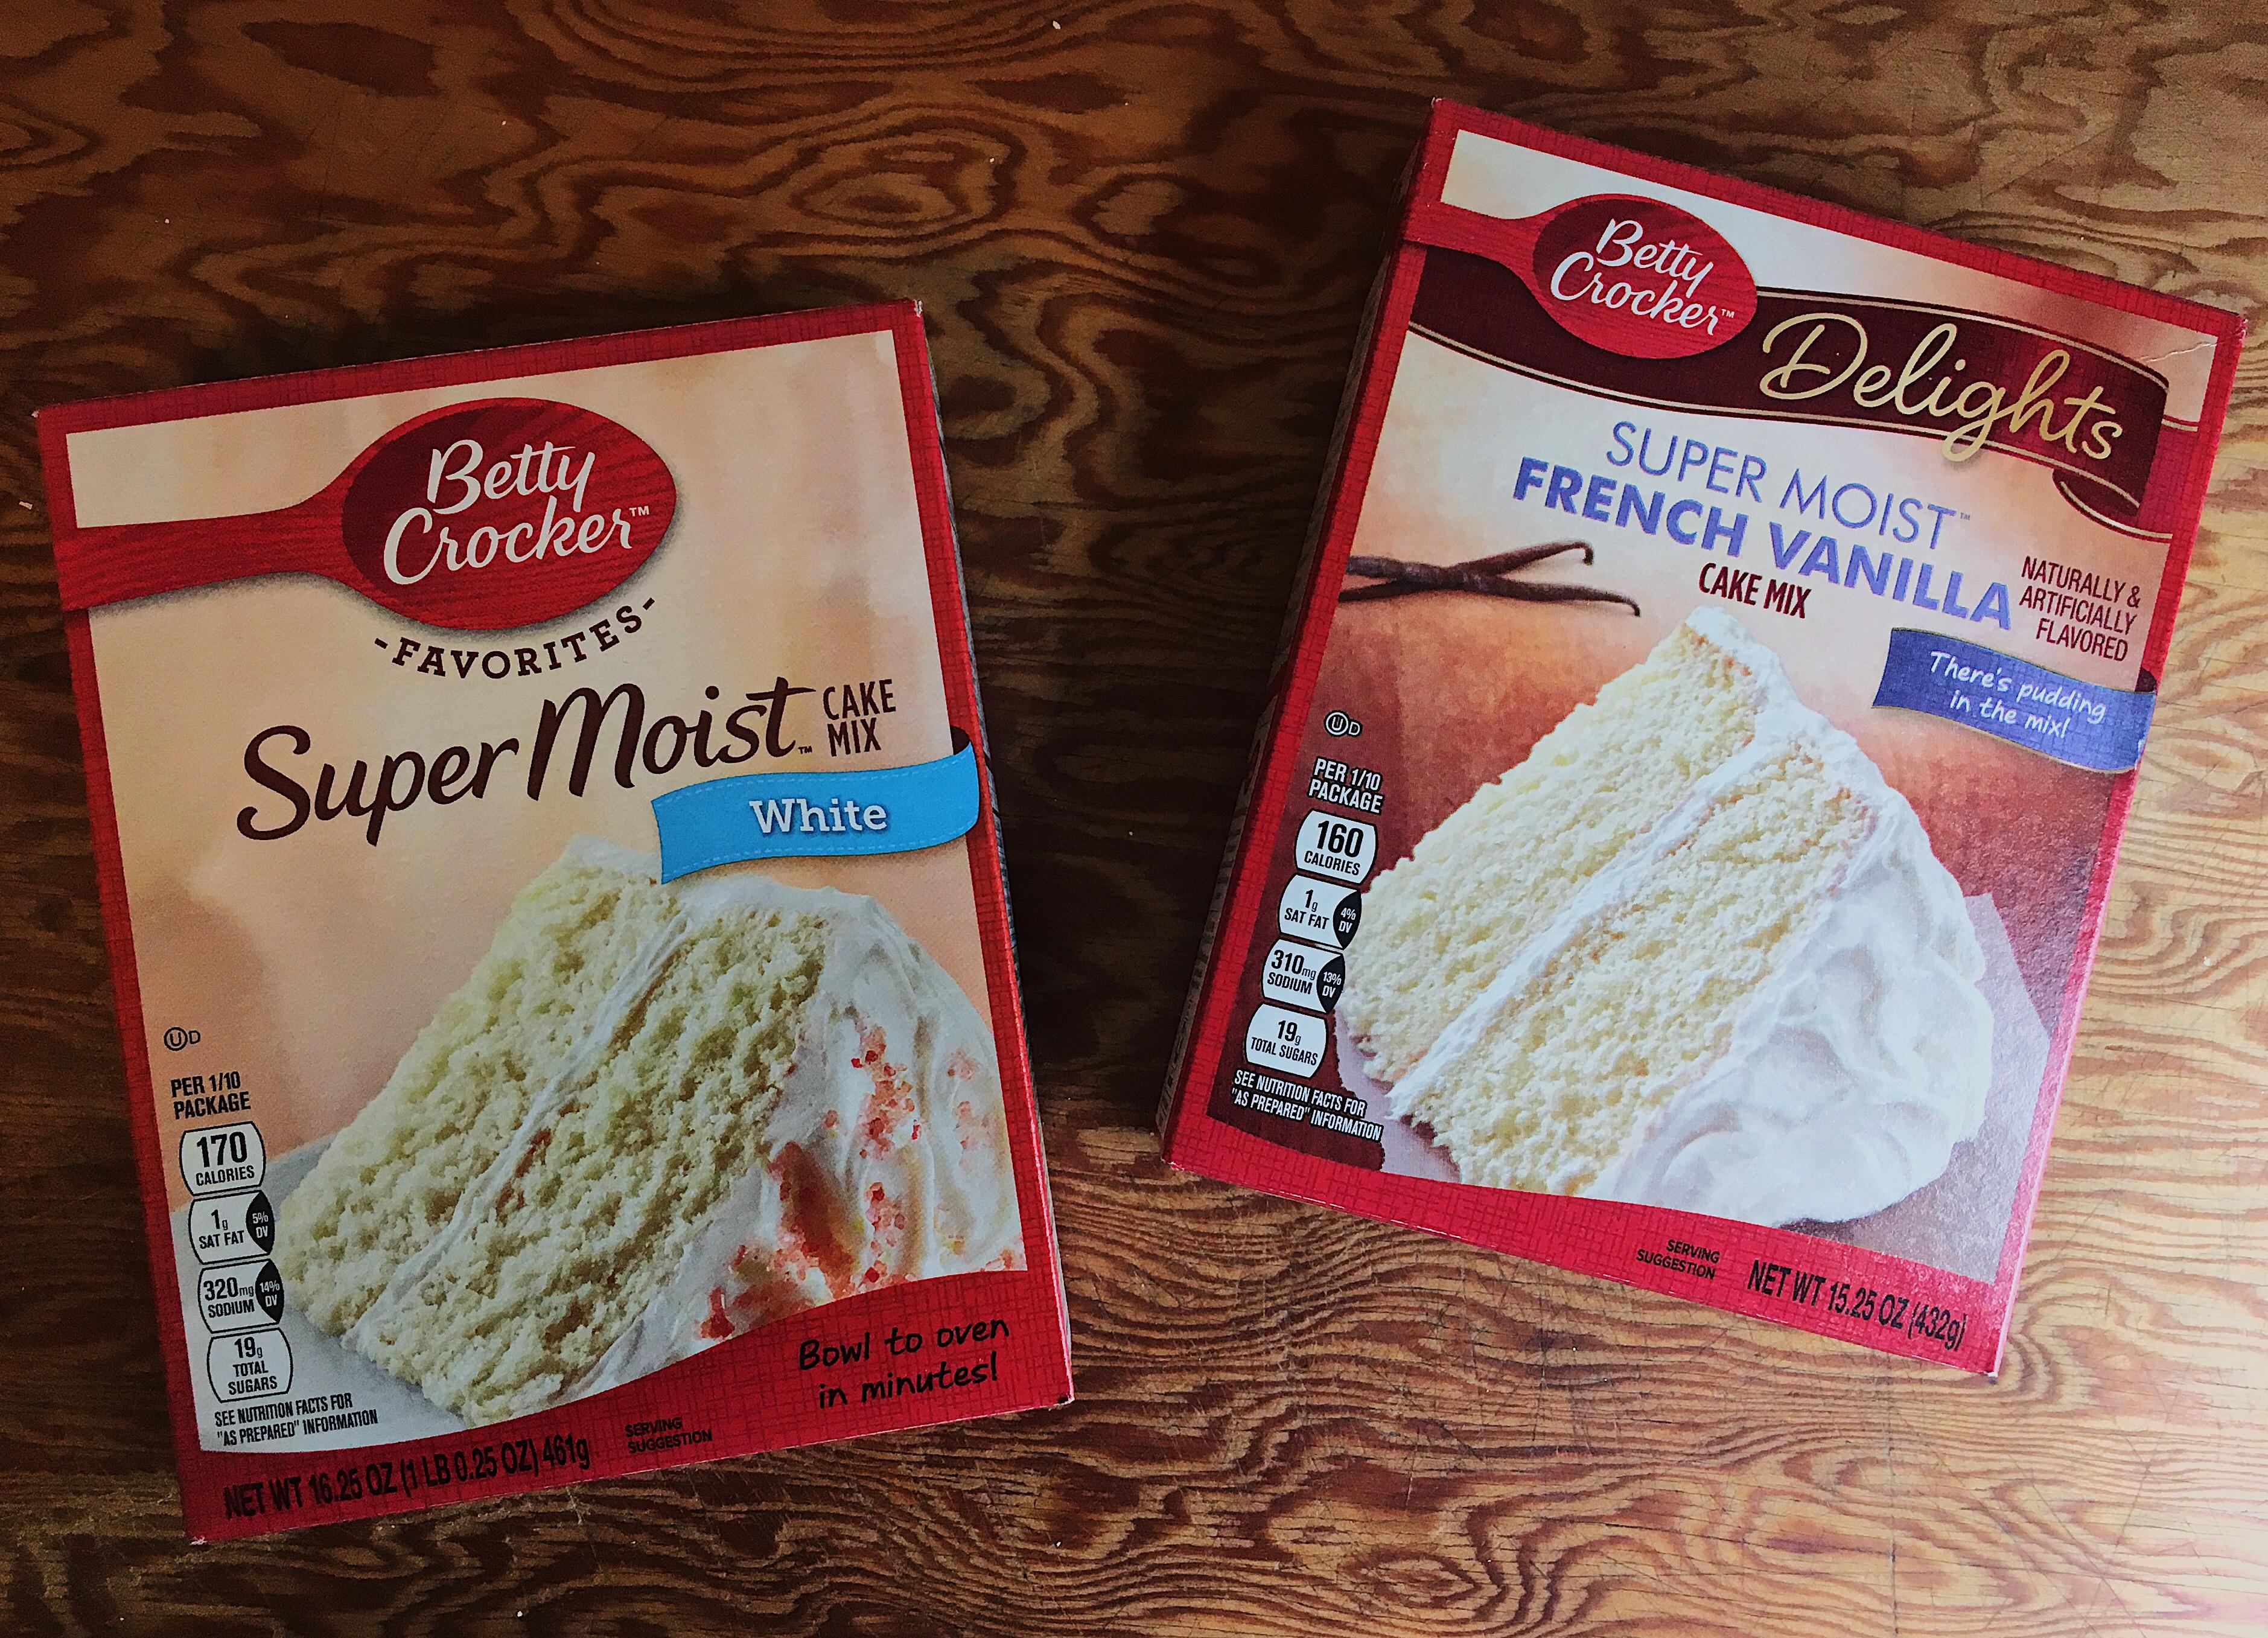 betty crocker cake mix-4th of july cake recipe